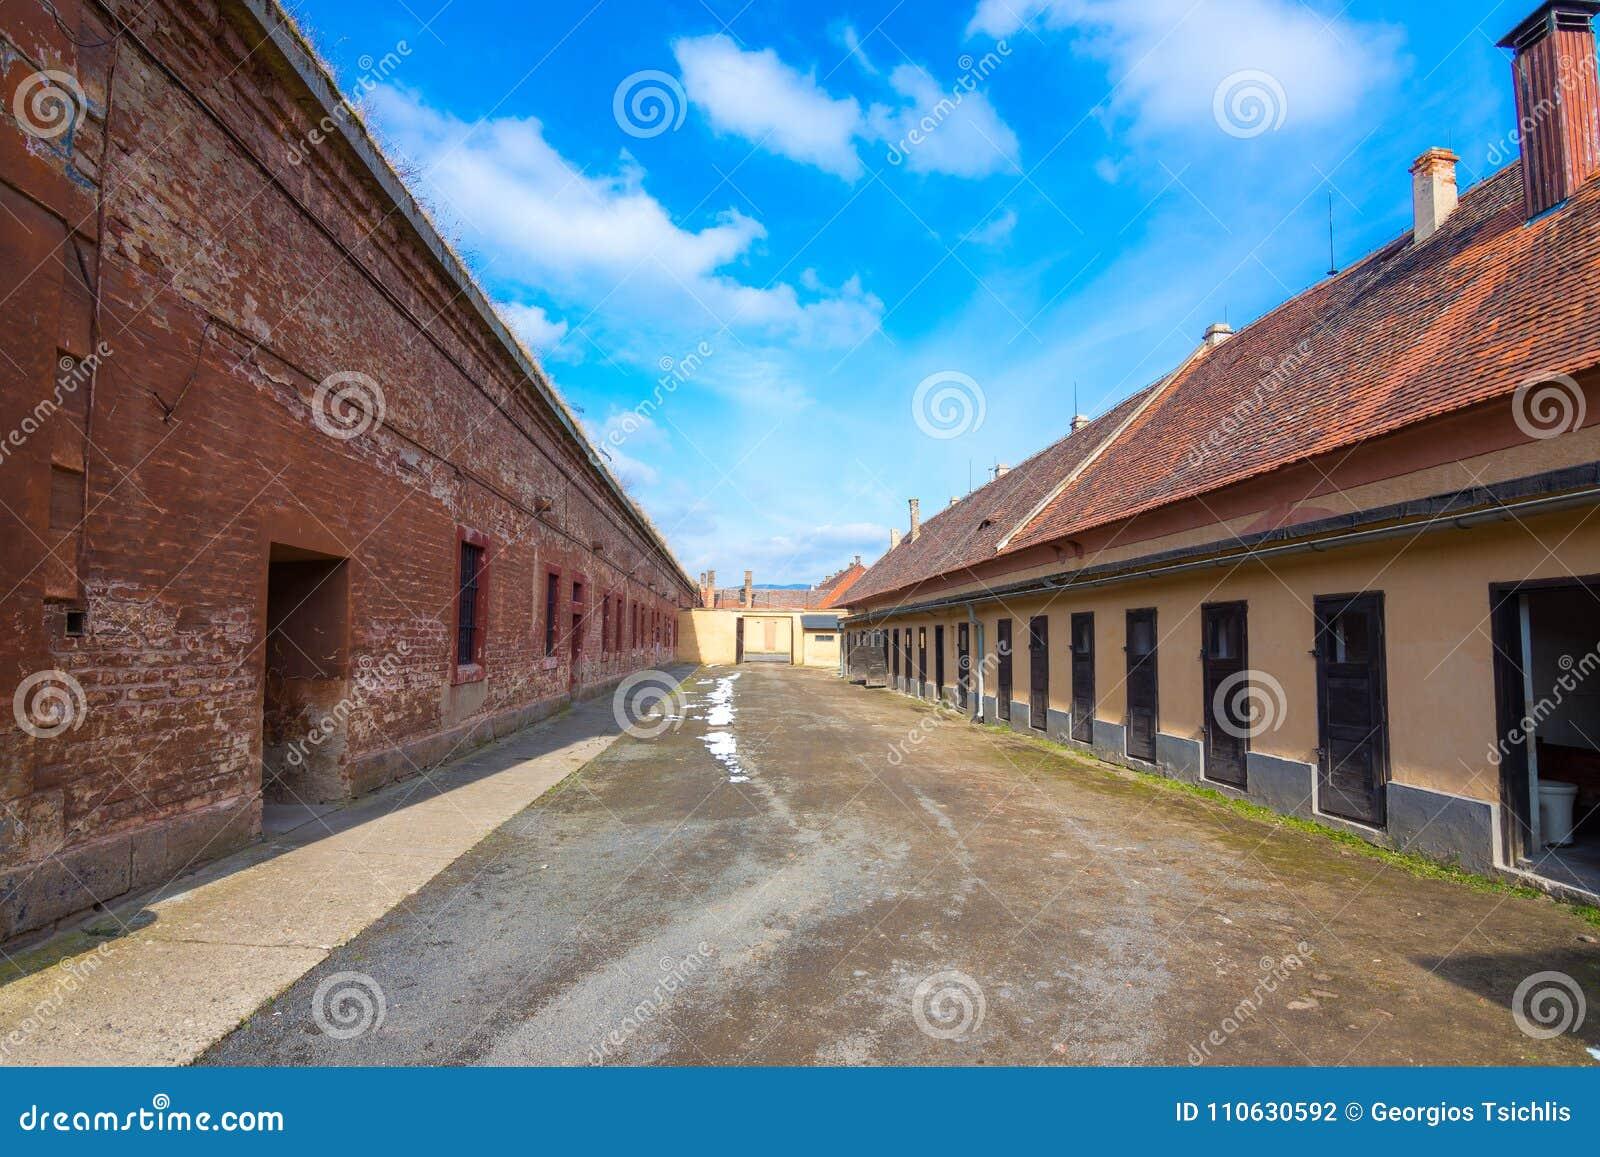 Das Terezin-Denkmal war eine mittelalterliche Militärfestung, die als Konzentrationslager im WW benutzt wurde